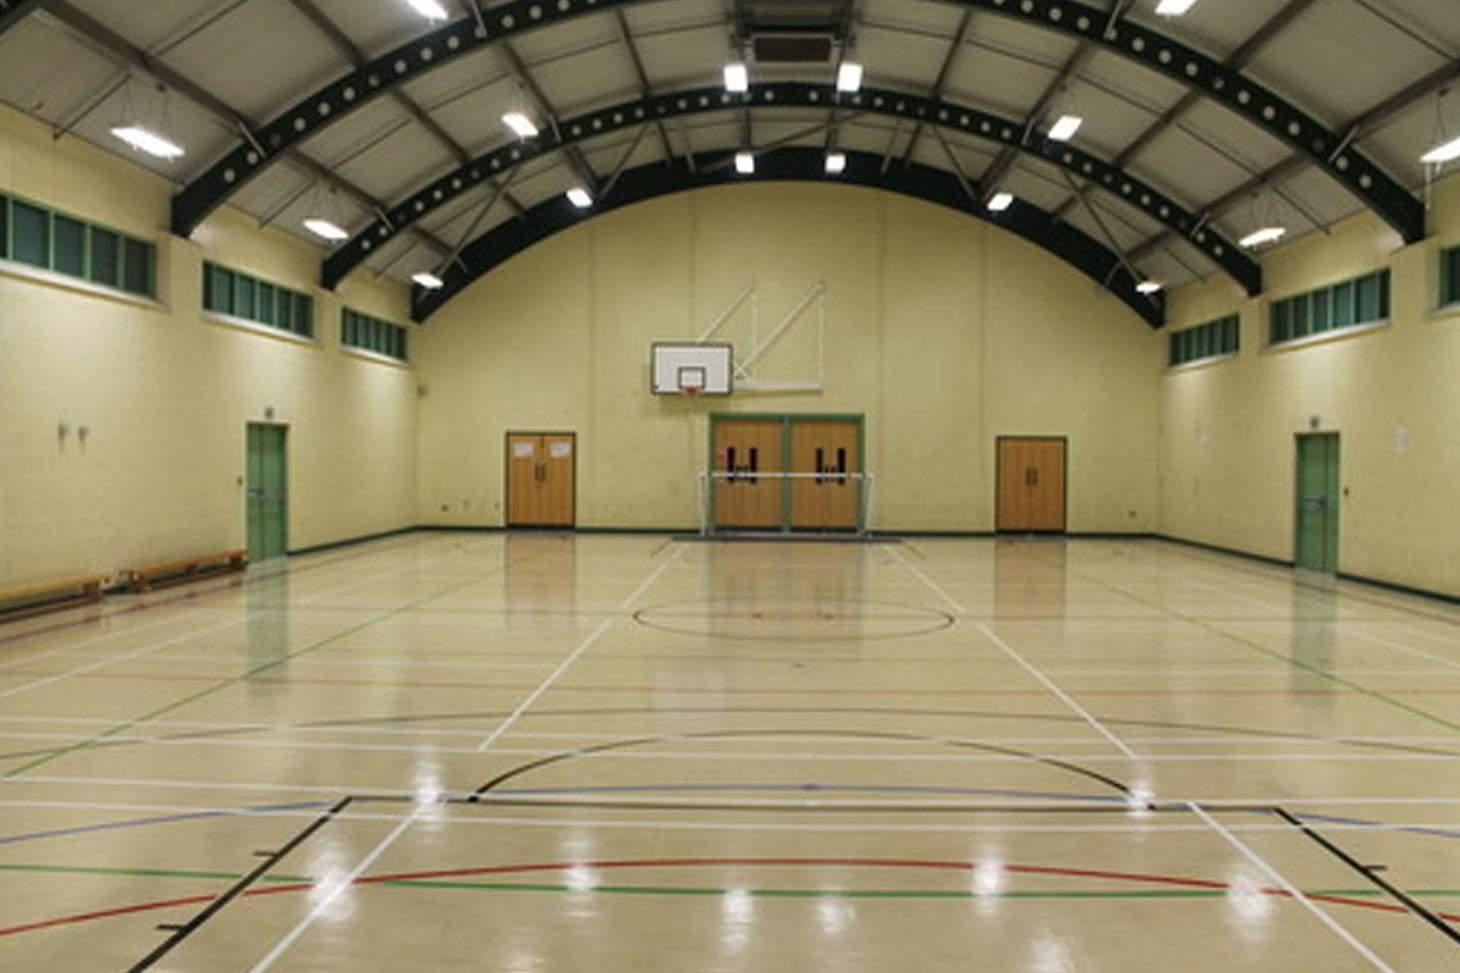 Heworth Grange Comprehensive School Table | Indoor table tennis table